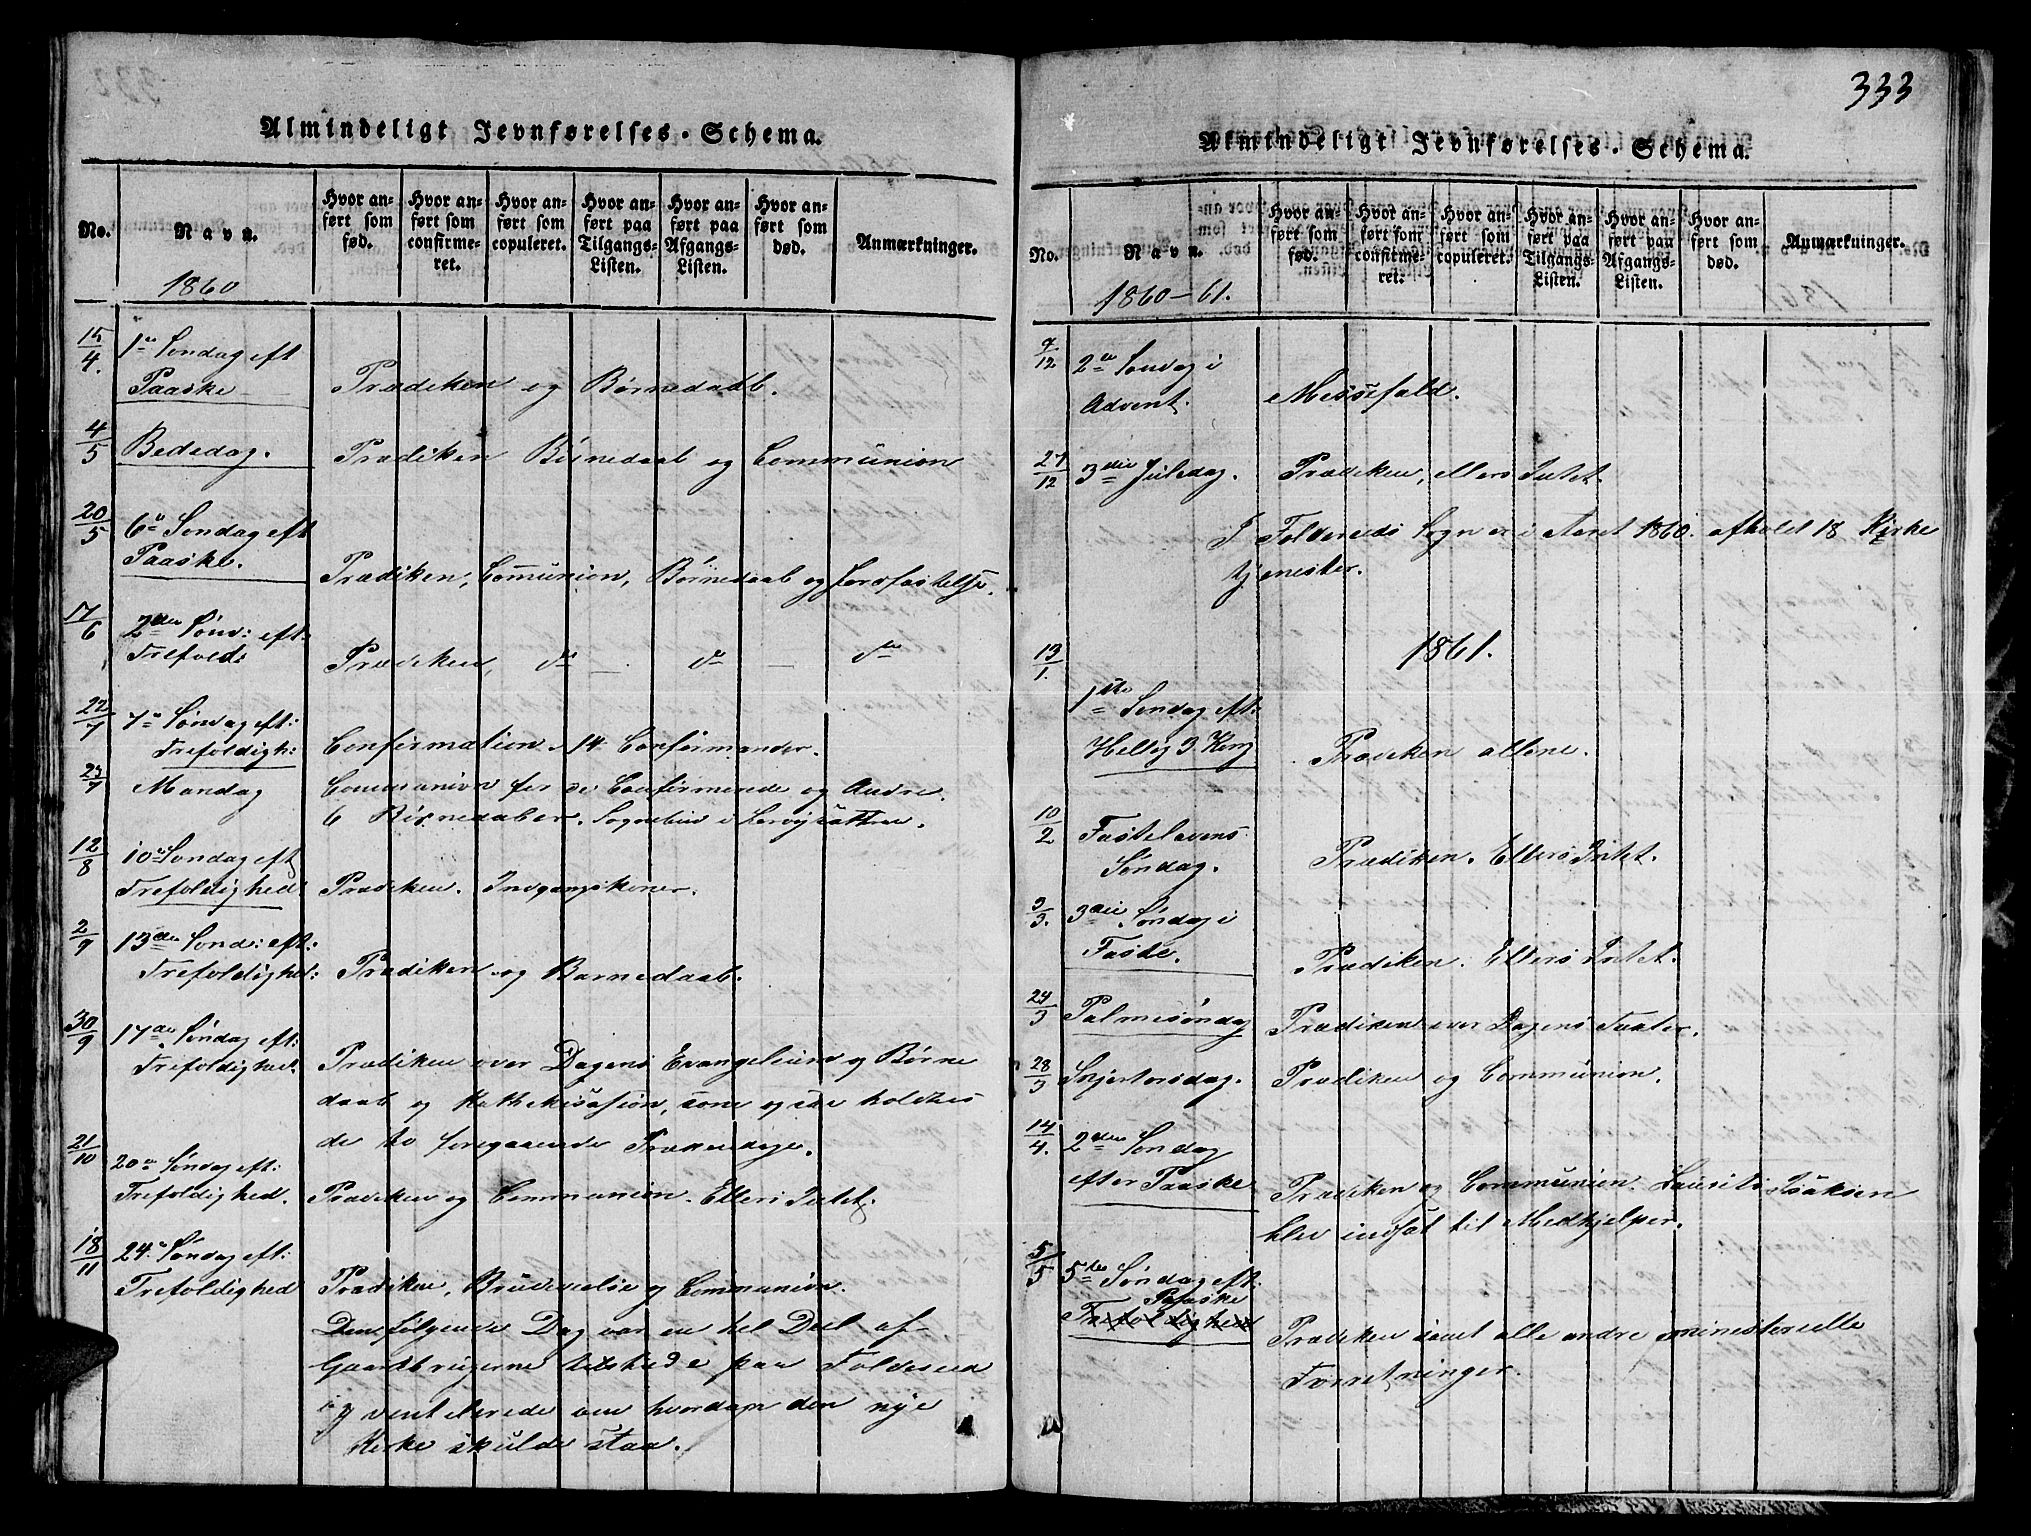 SAT, Ministerialprotokoller, klokkerbøker og fødselsregistre - Nord-Trøndelag, 780/L0648: Klokkerbok nr. 780C01 /1, 1815-1870, s. 333